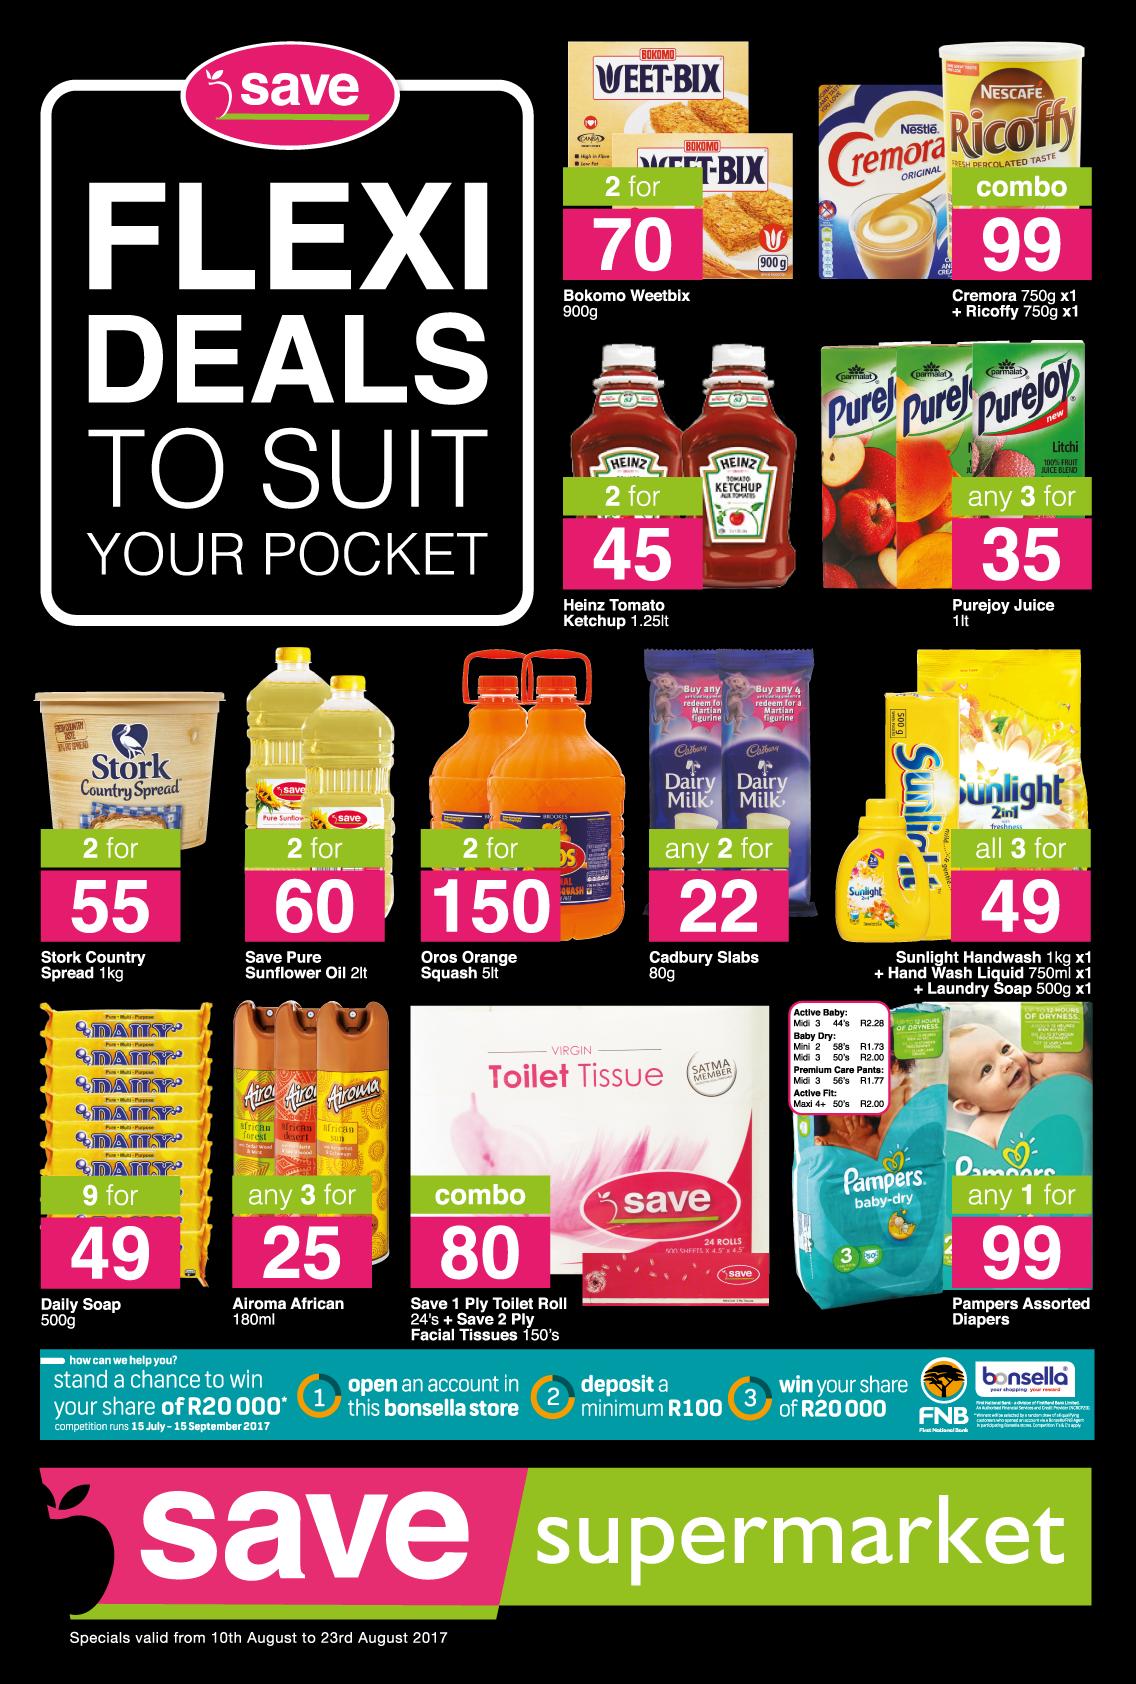 Save Supermarket West Street Specials - until 23rd August 2017